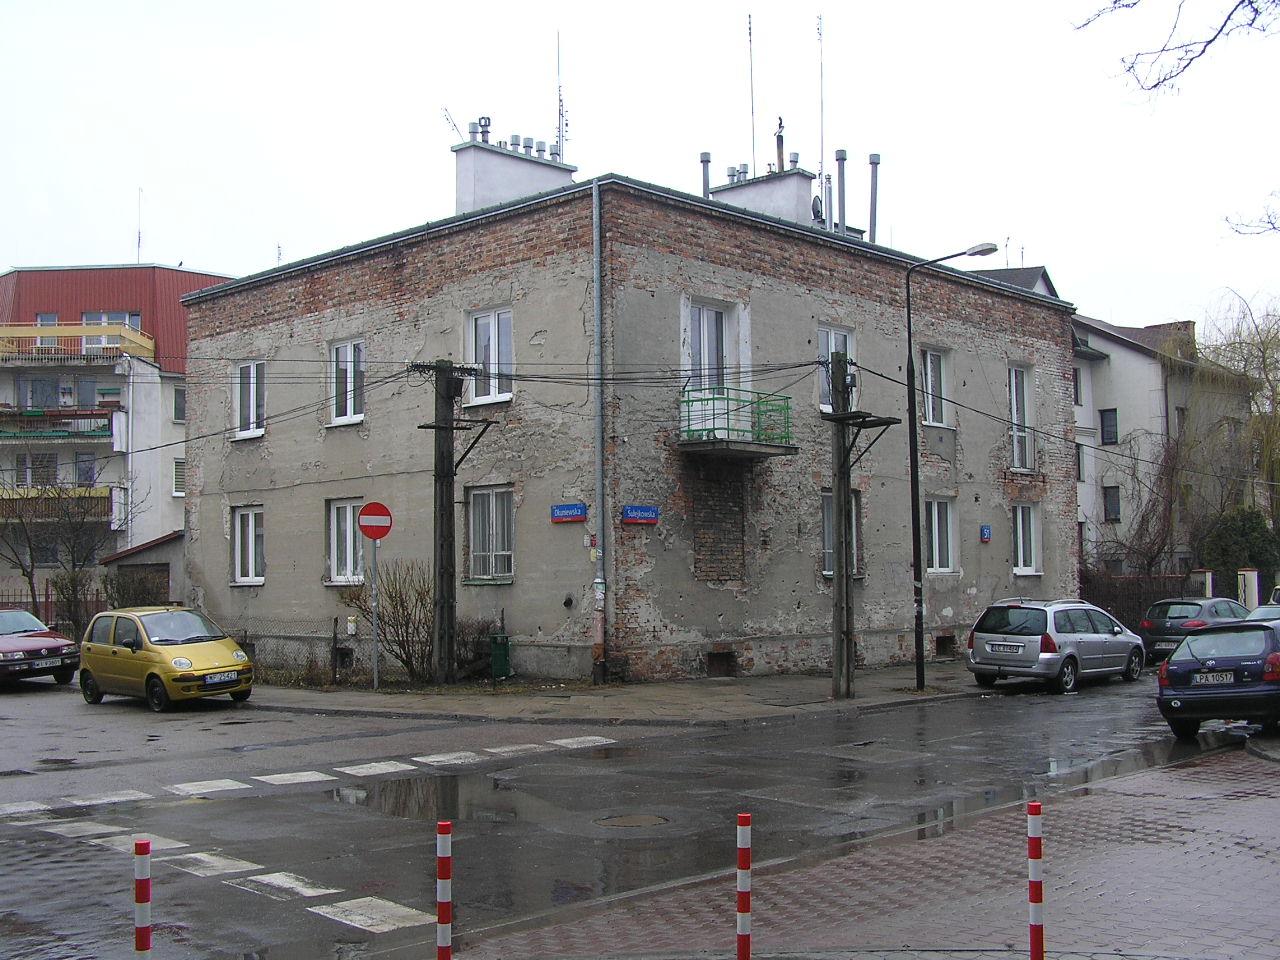 Kamienica przy Sulejkowskiej 51 na Grochowie